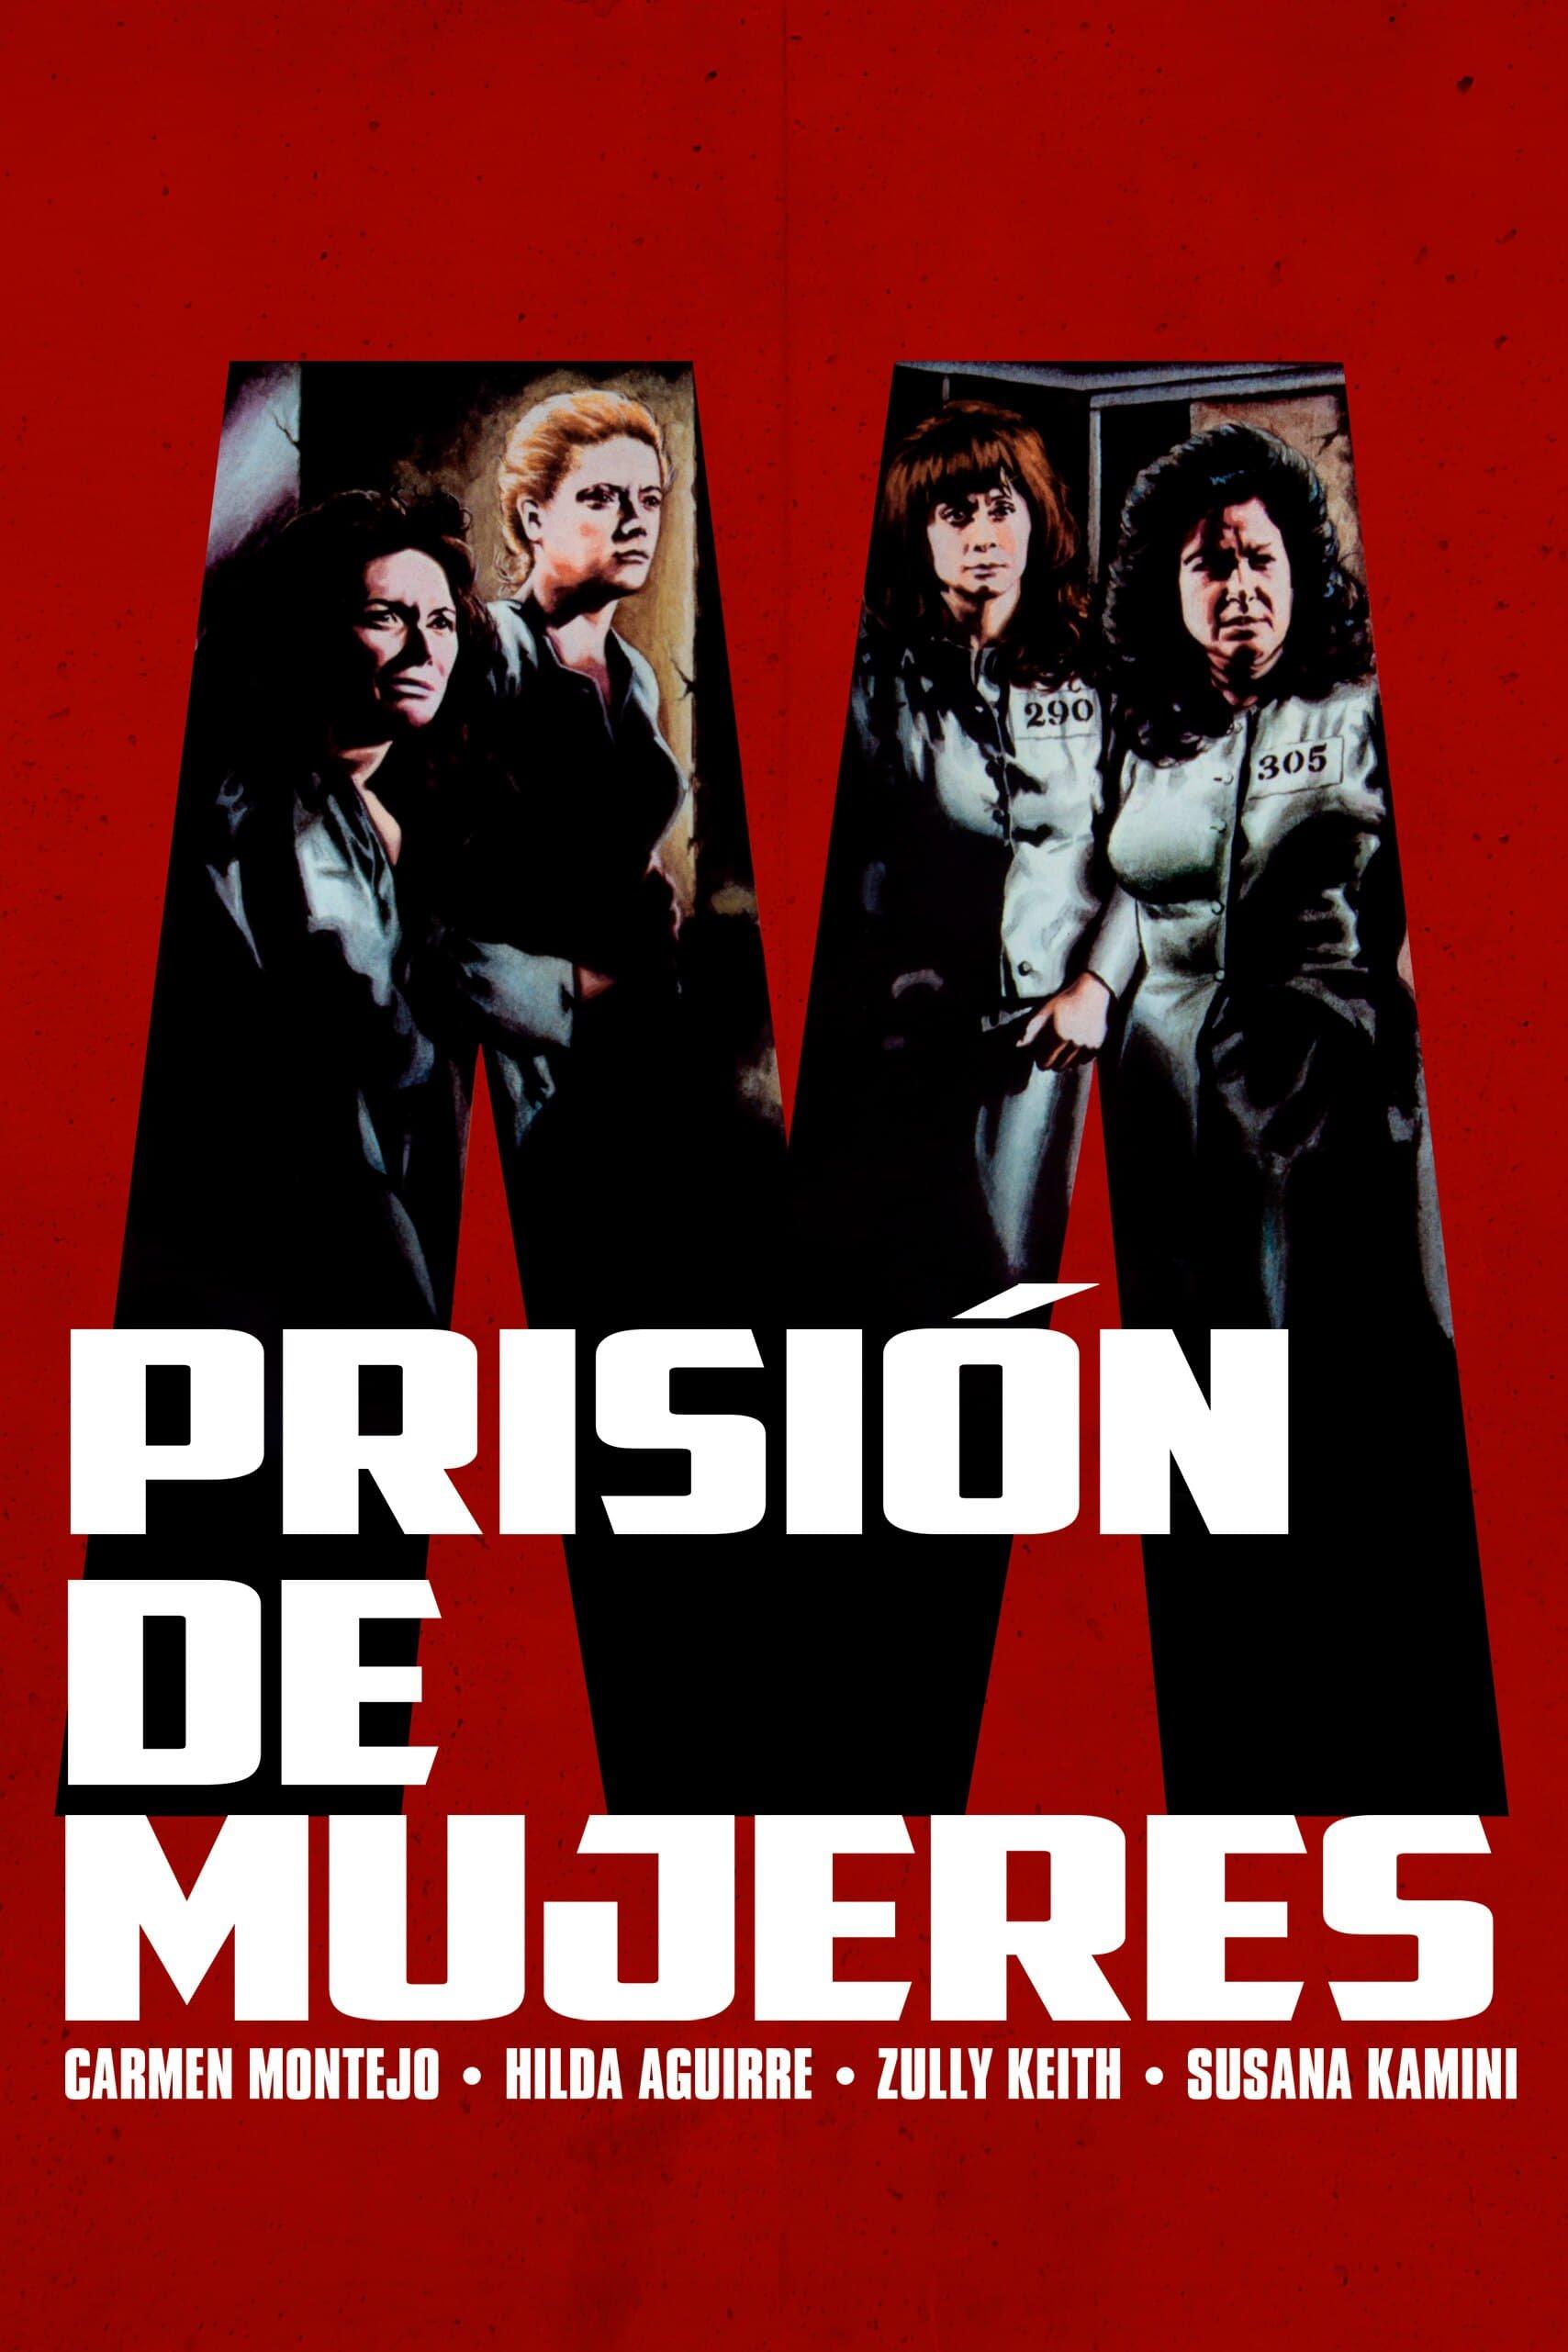 Prisión de mujeres